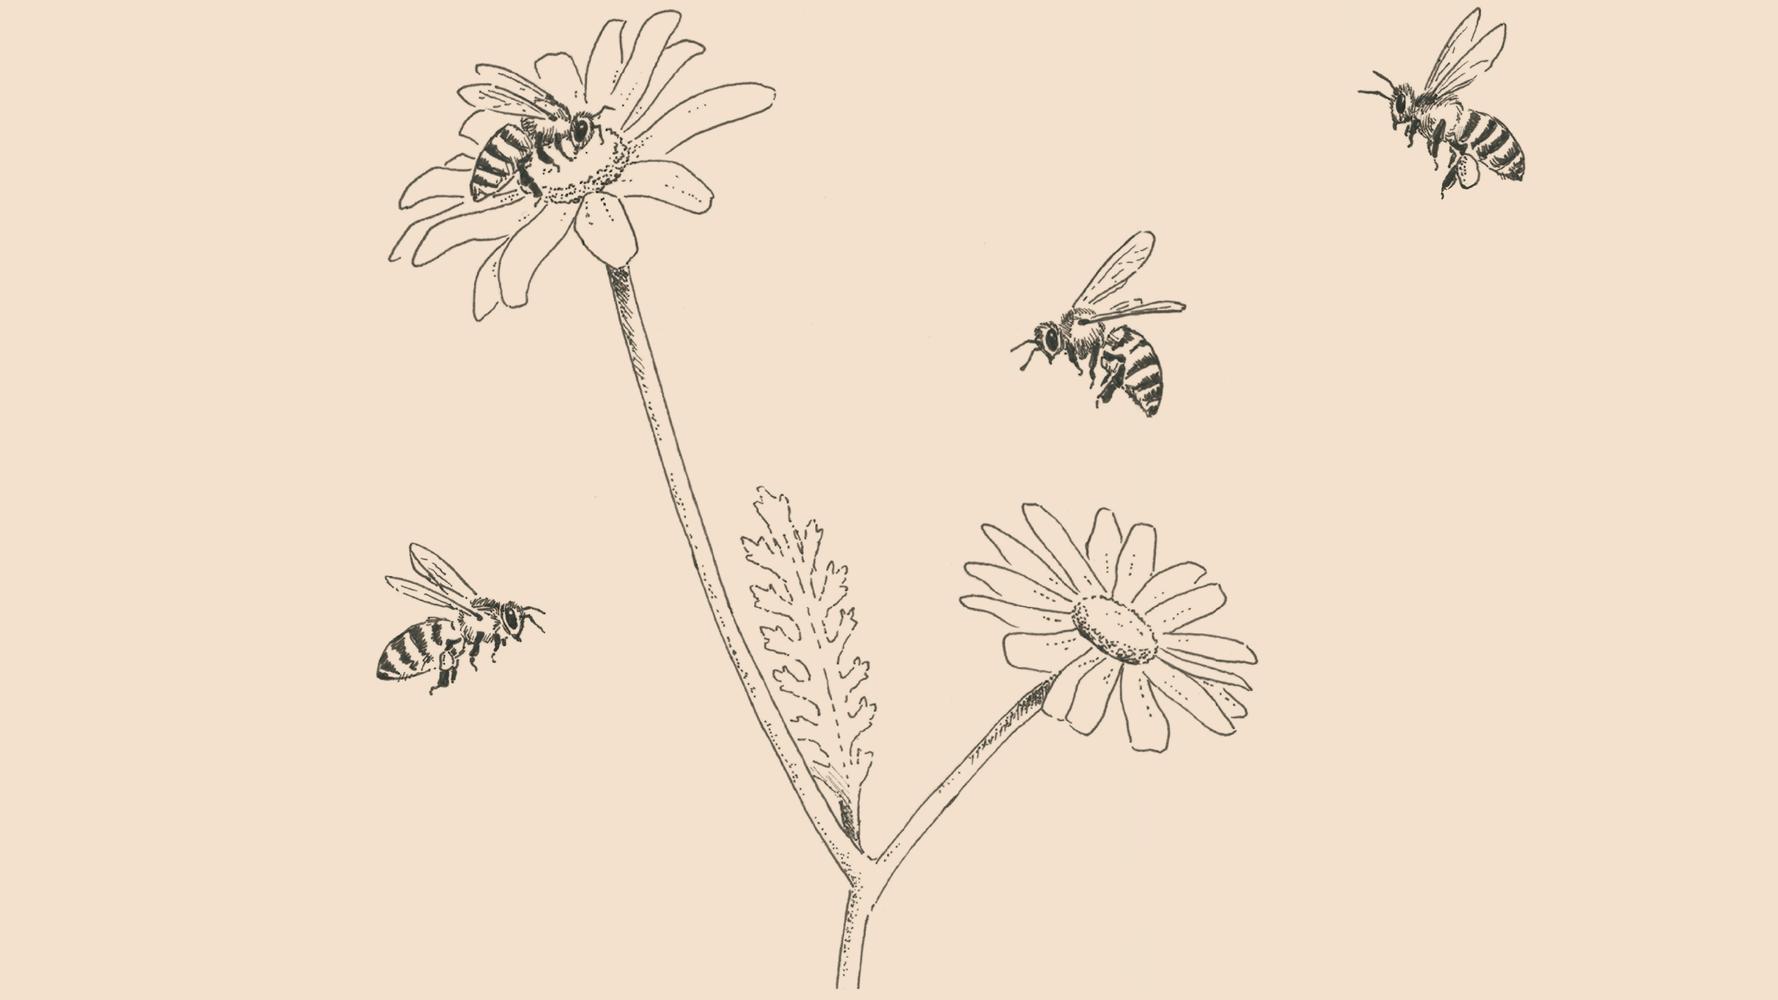 Teide Daisy and Canary Black Bee illustration | Giraffa